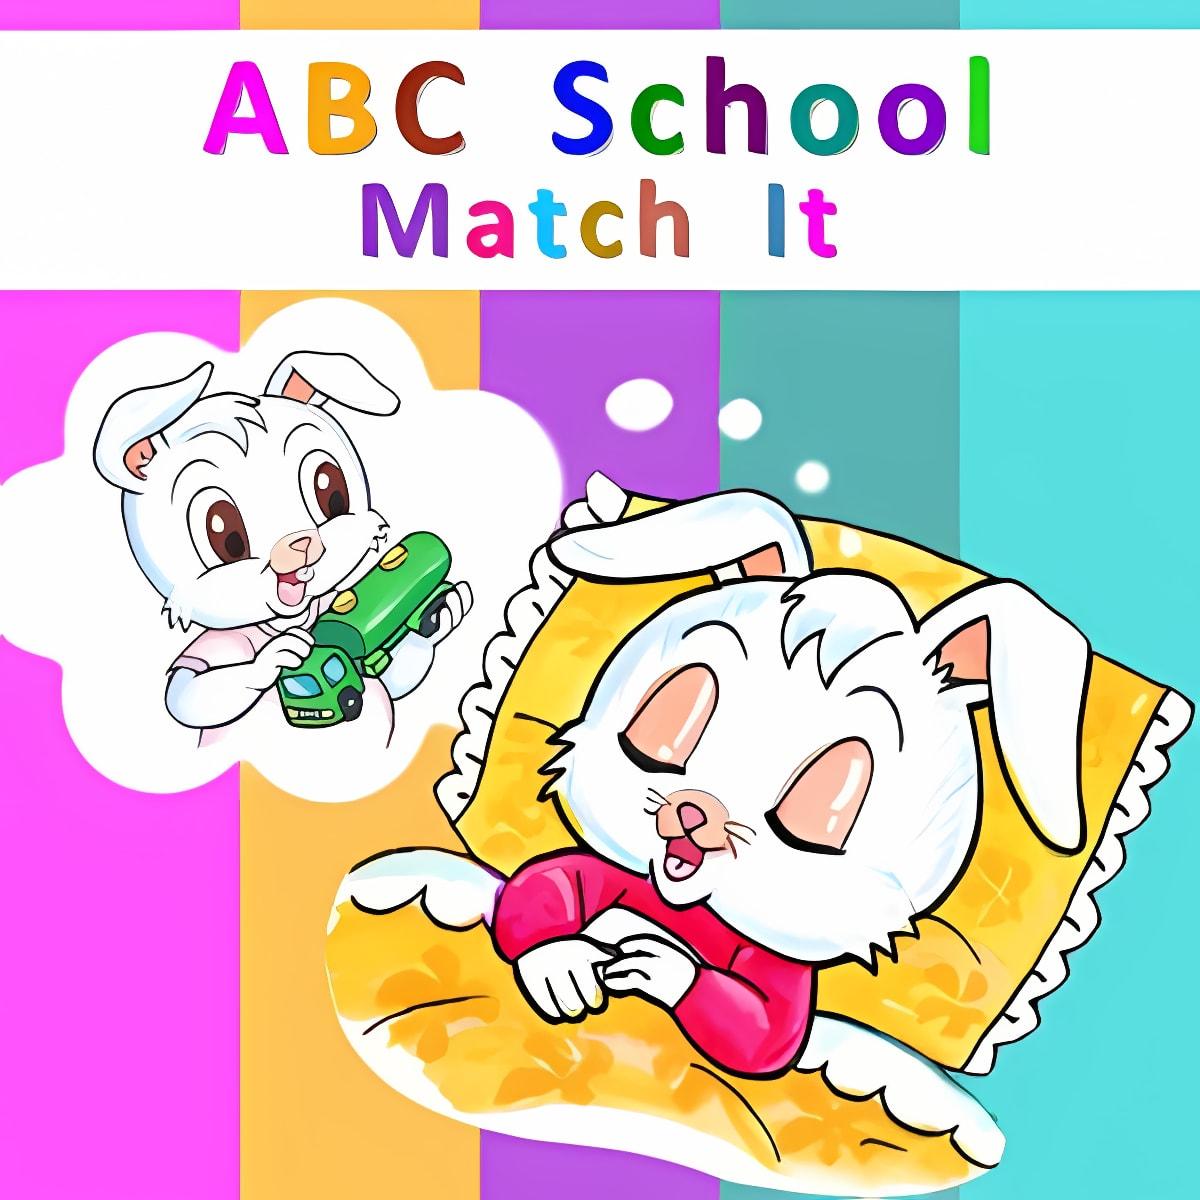 ABC School - Match It